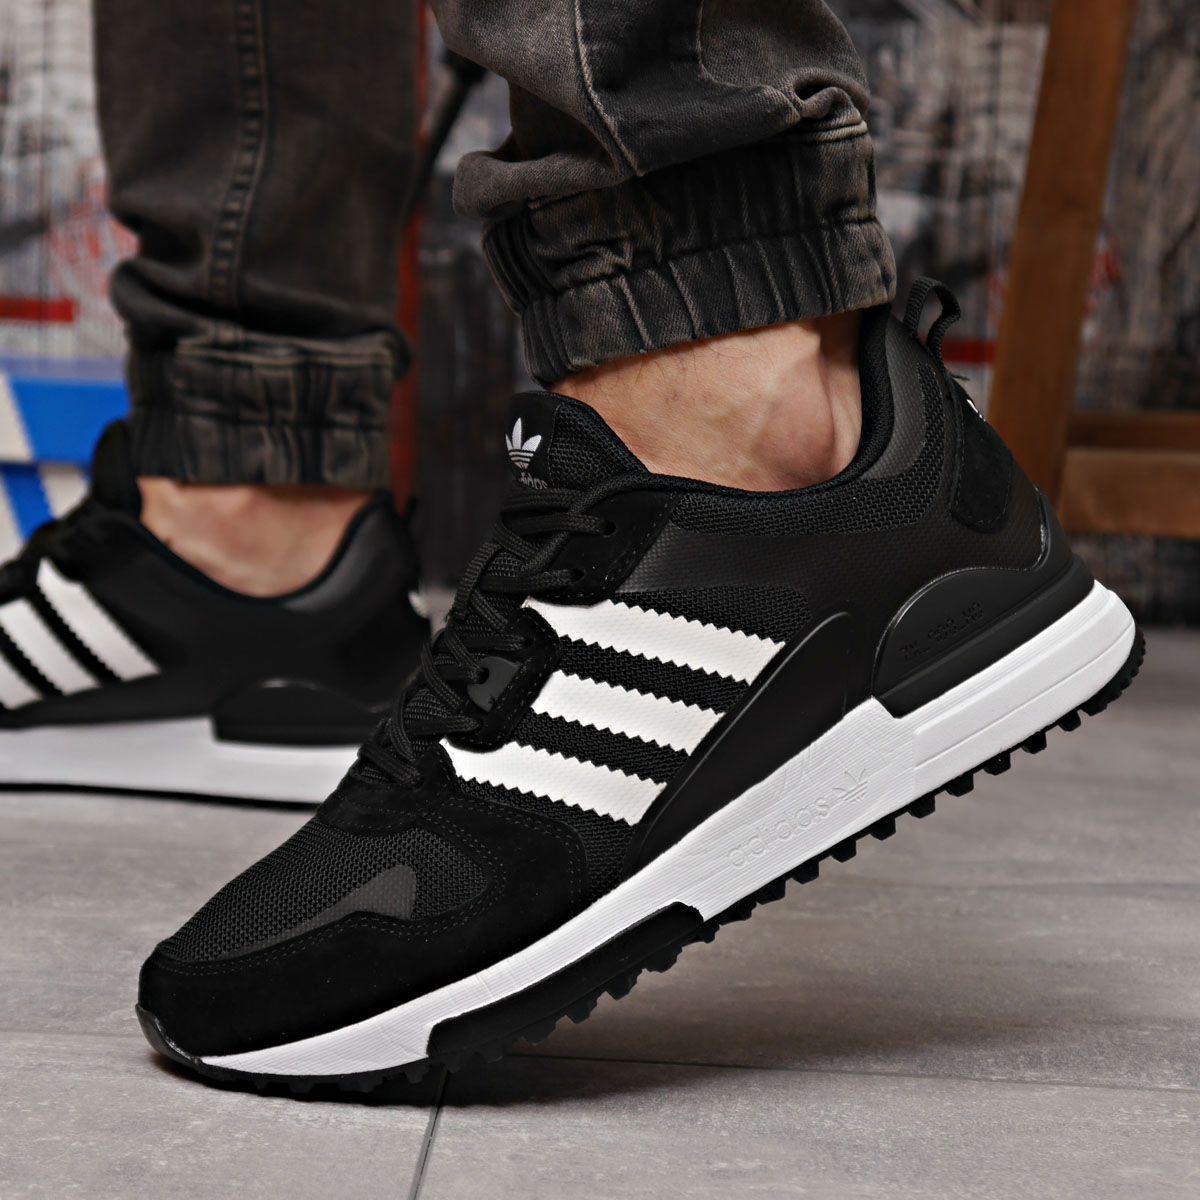 Кроссовки мужские 18284, Adidas Zx 700 HO, черные, [ 41 42 43 44 45 ] р. 41-26,0см.